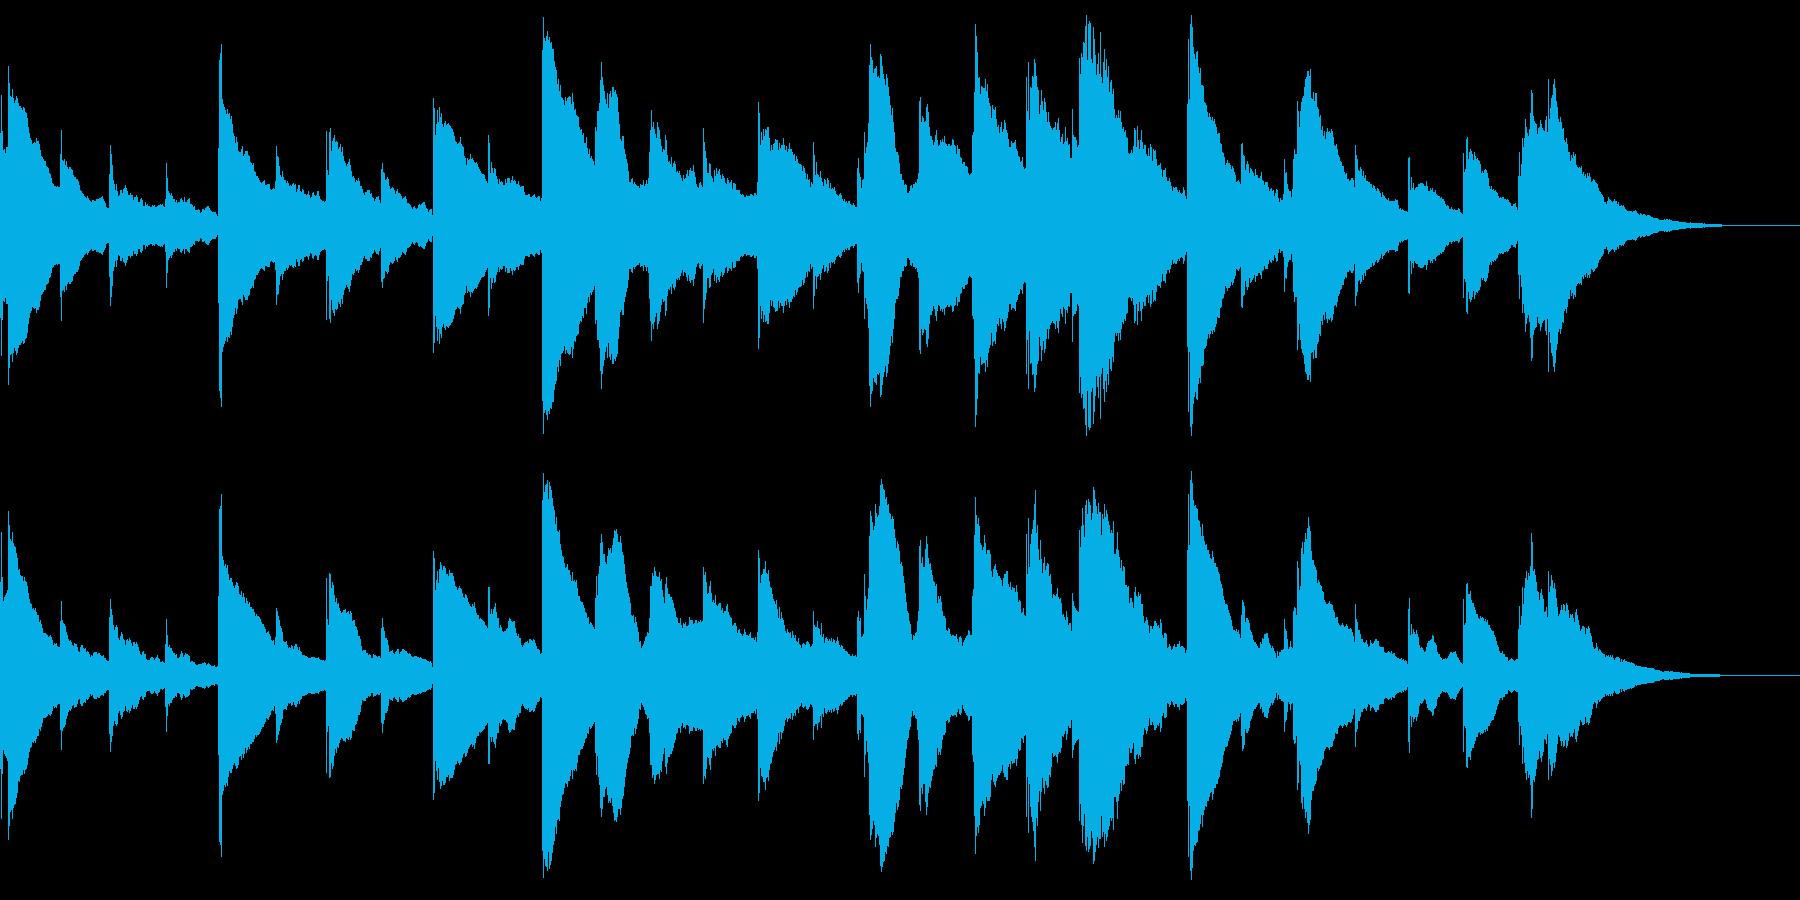 オルゴールが奏でるバラードの再生済みの波形